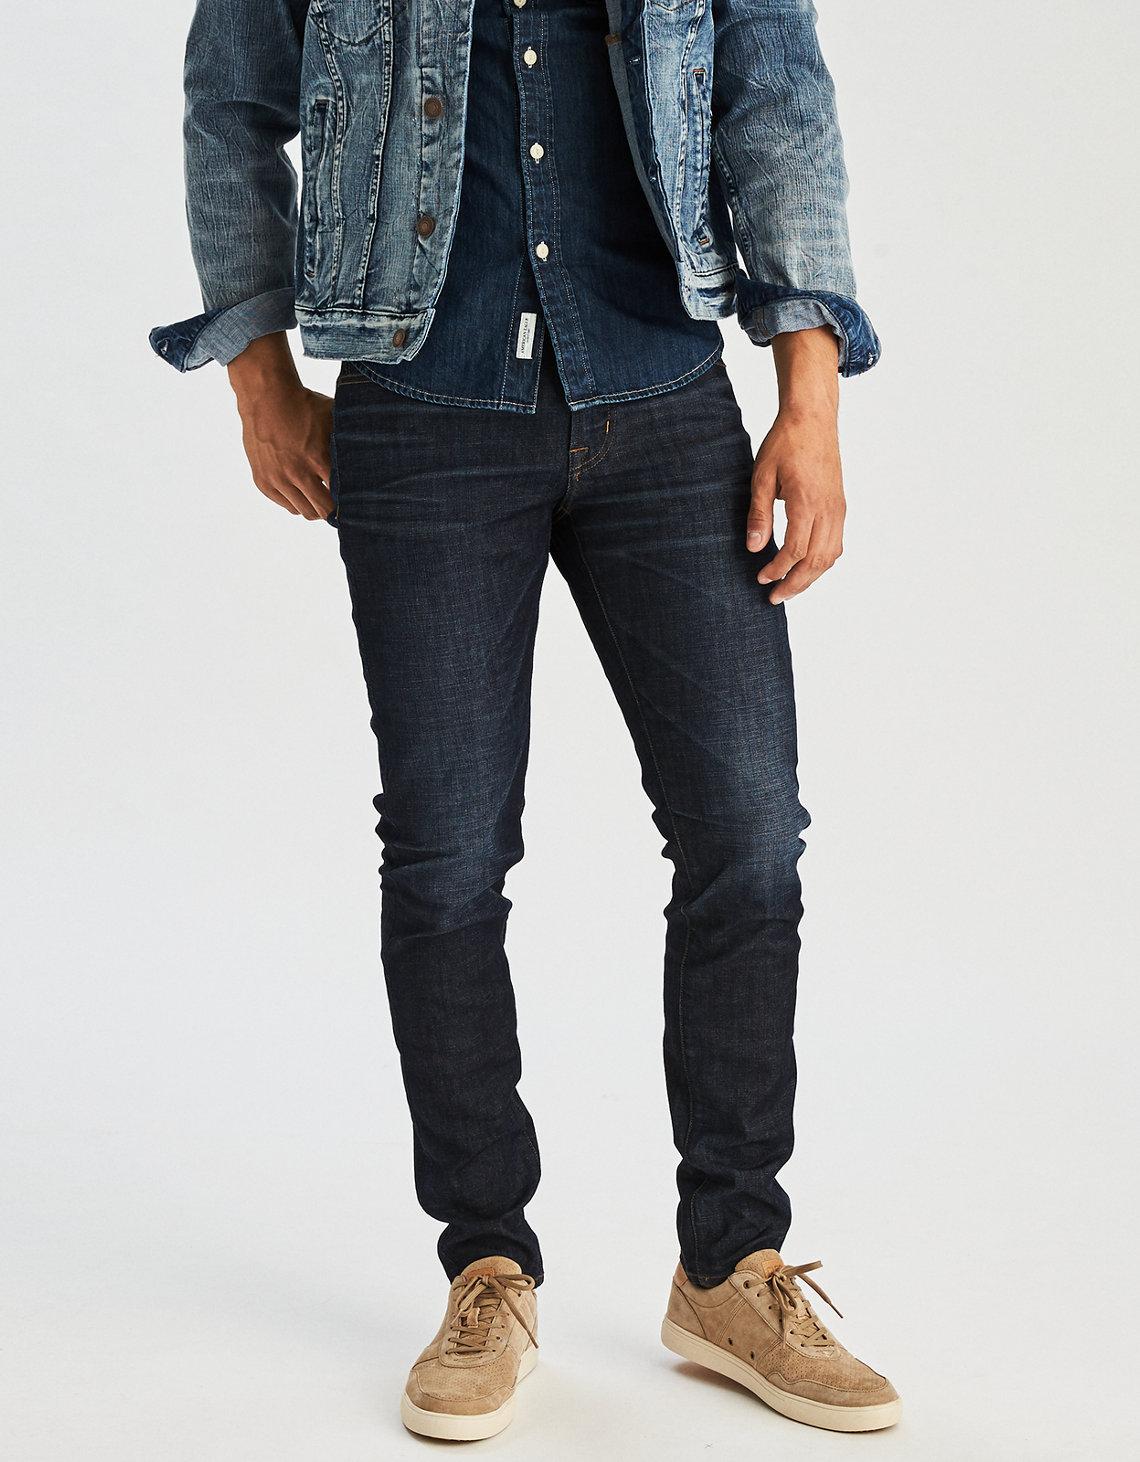 American Eagle Clearance Jeans (Men & Women)